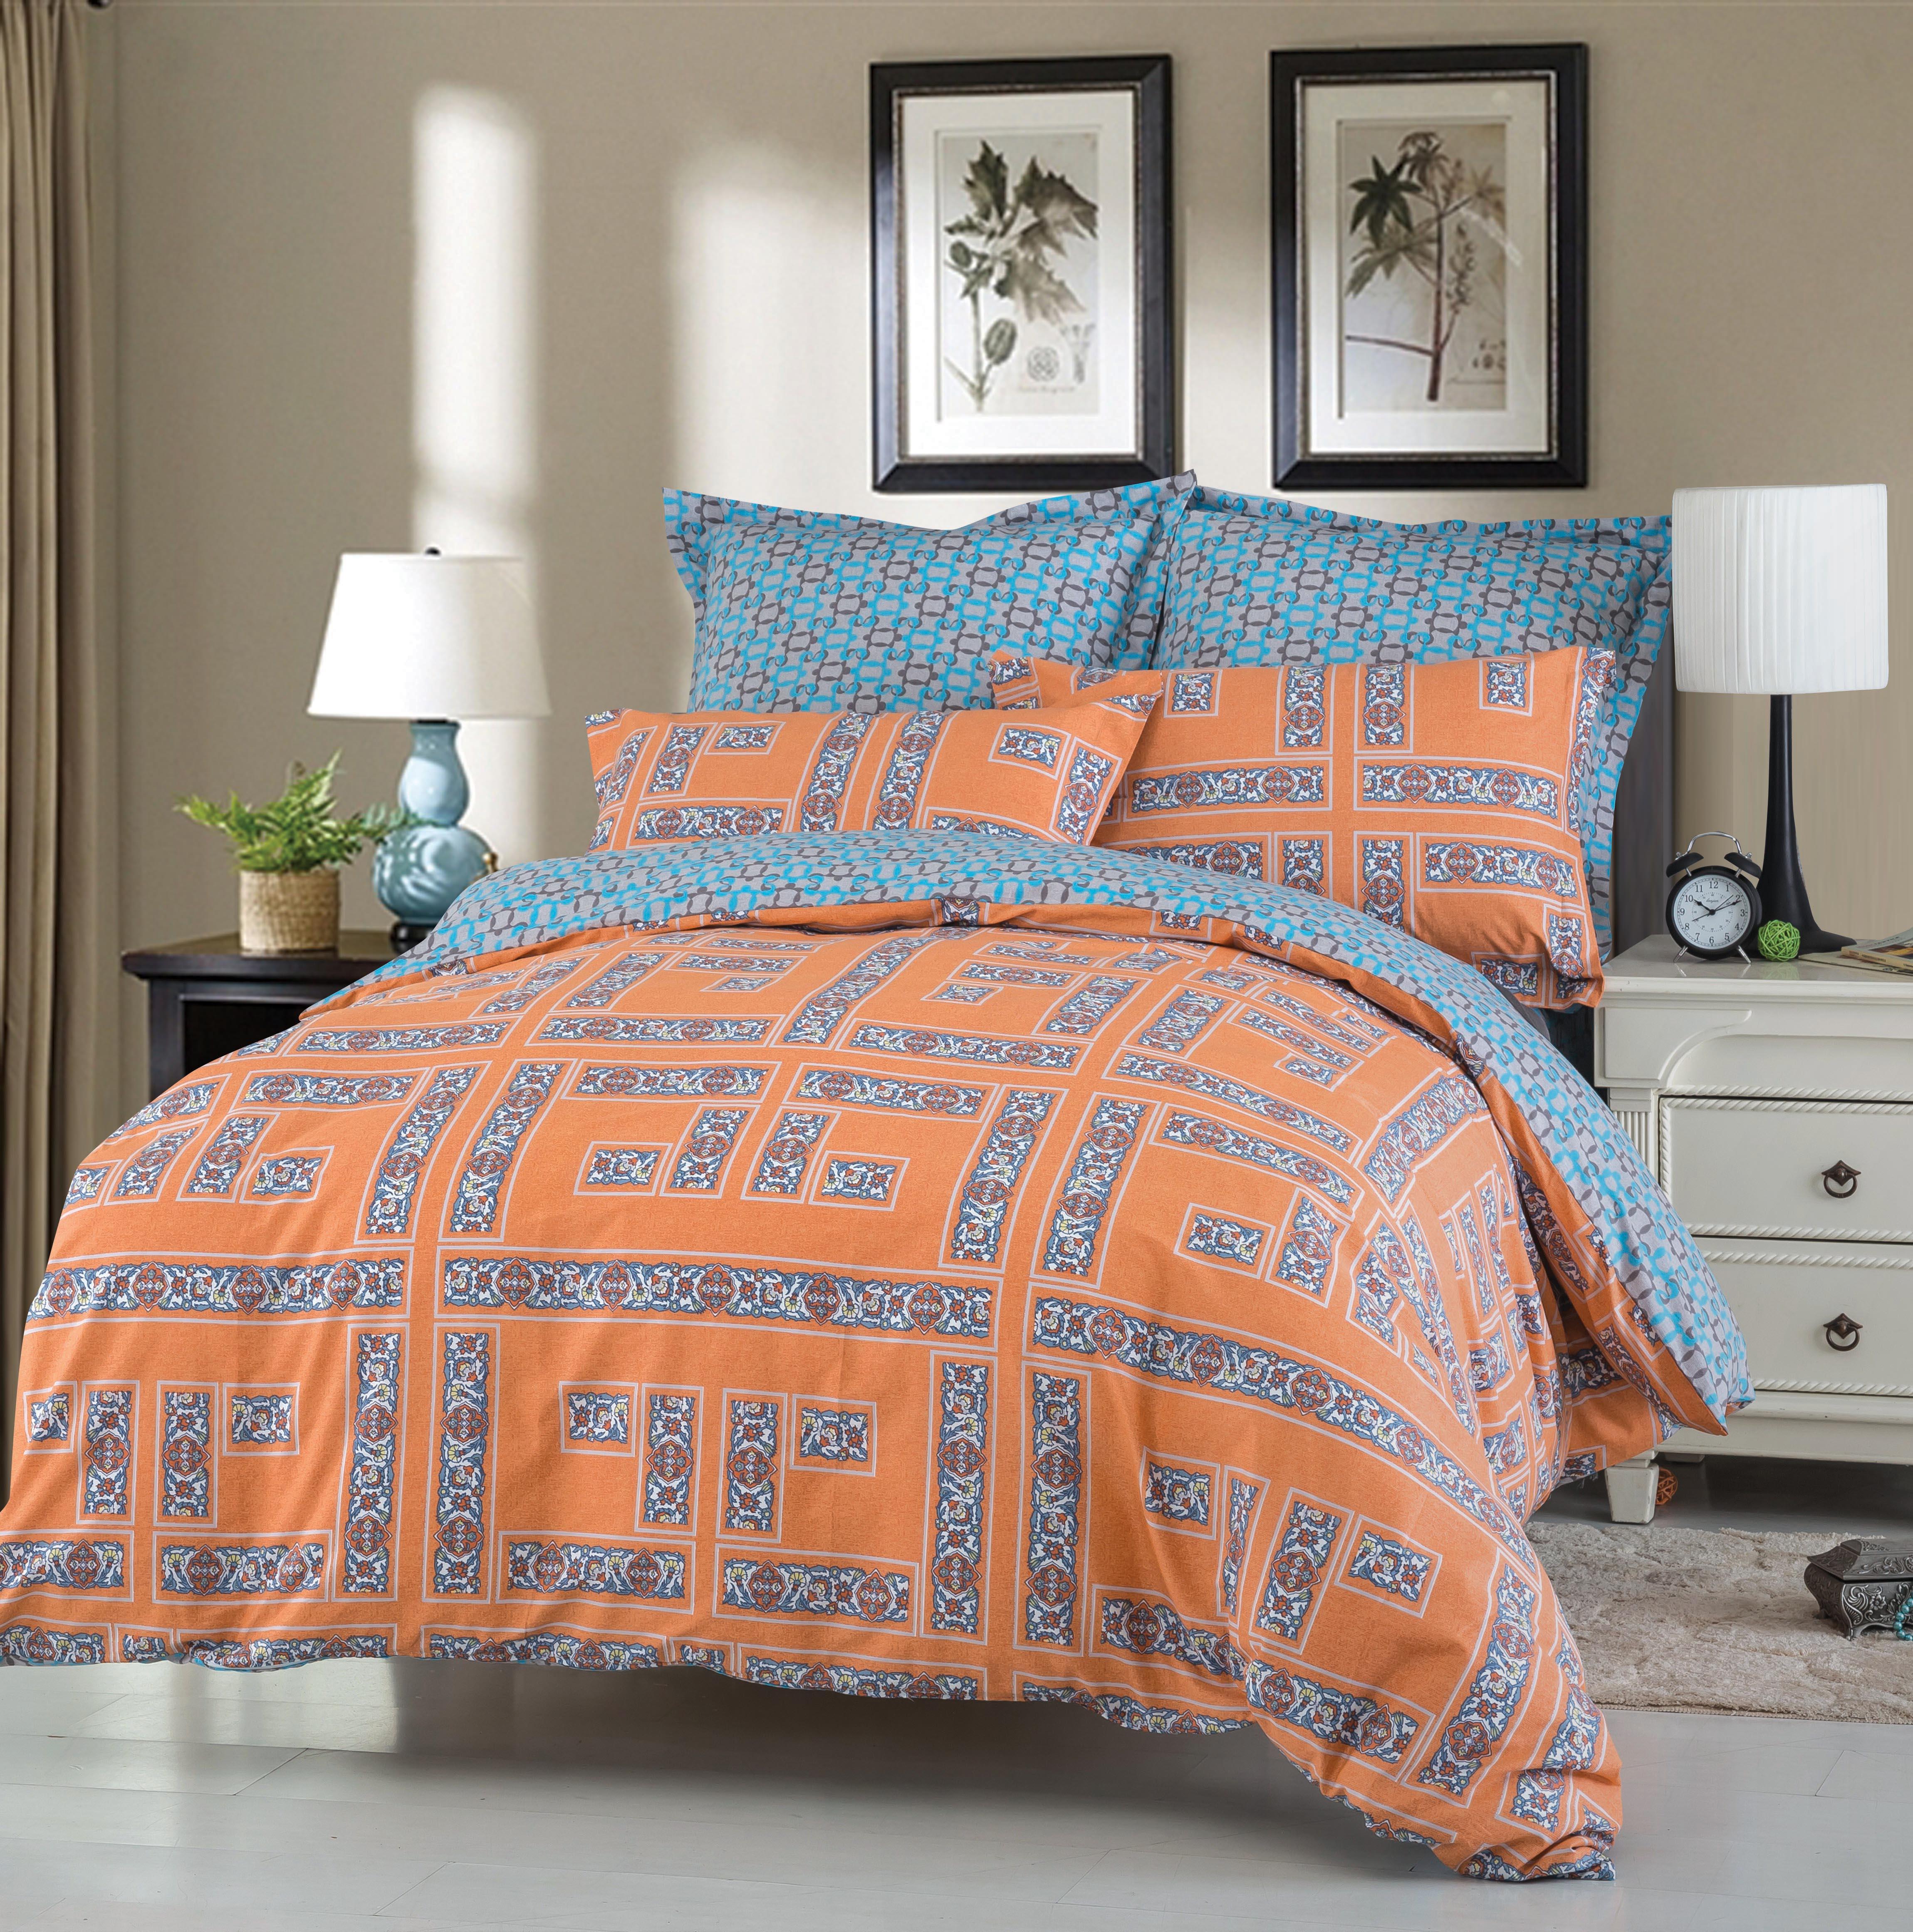 Купить Комплекты постельного белья СайлиД, Постельное бельеJump B-178(1, 5 спал.), Китай, Голубой, Оранжевый, Хлопковый сатин